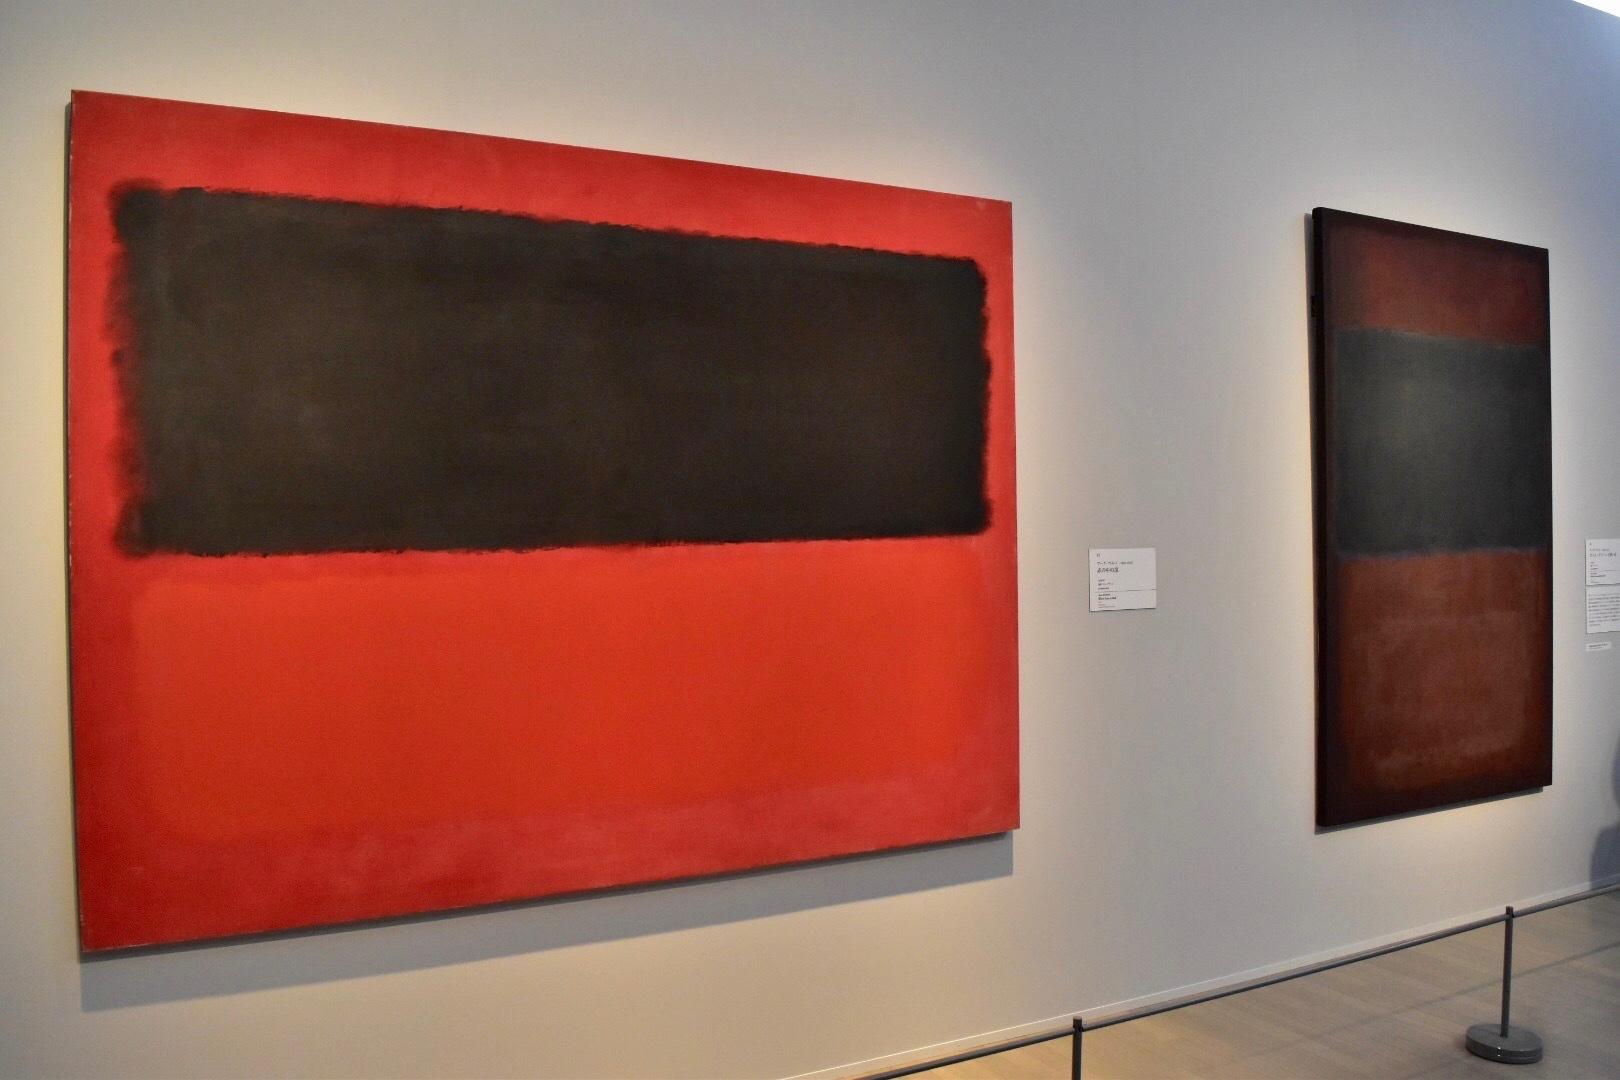 左:マーク・ロスコ 《赤の中の黒》1958年 東京都現代美術館 右:マーク・ロスコ 《ボトル・グリーンと深い赤》1958年 大阪新美術館建設準備室